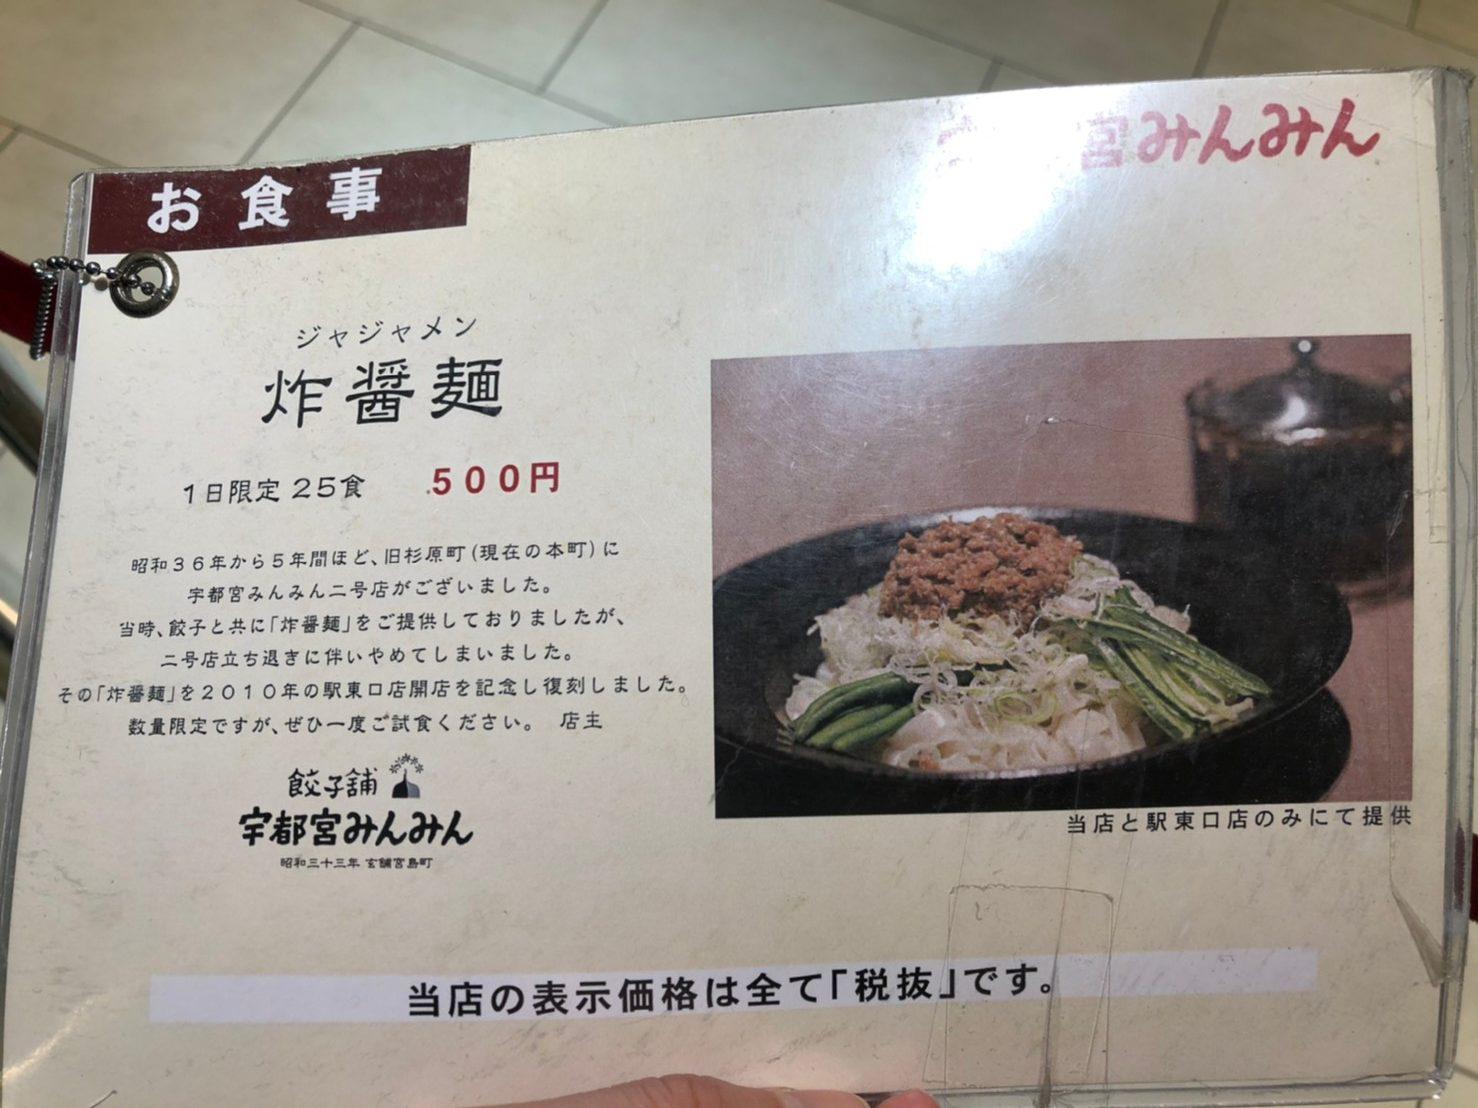 min-min menu